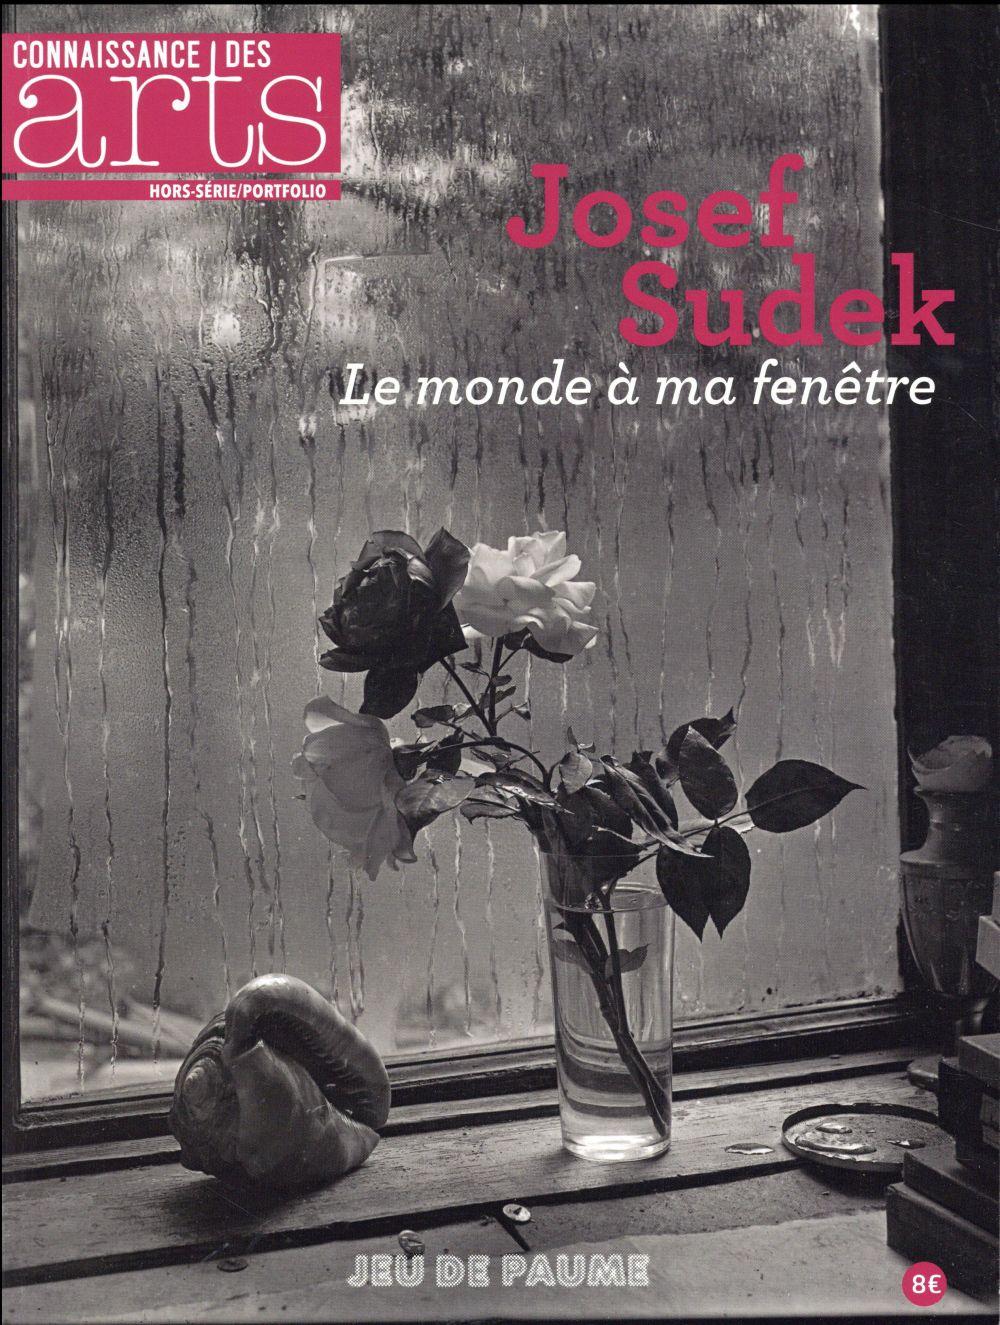 JOSEF SUDEK - LE MONDE A MA FENETRE